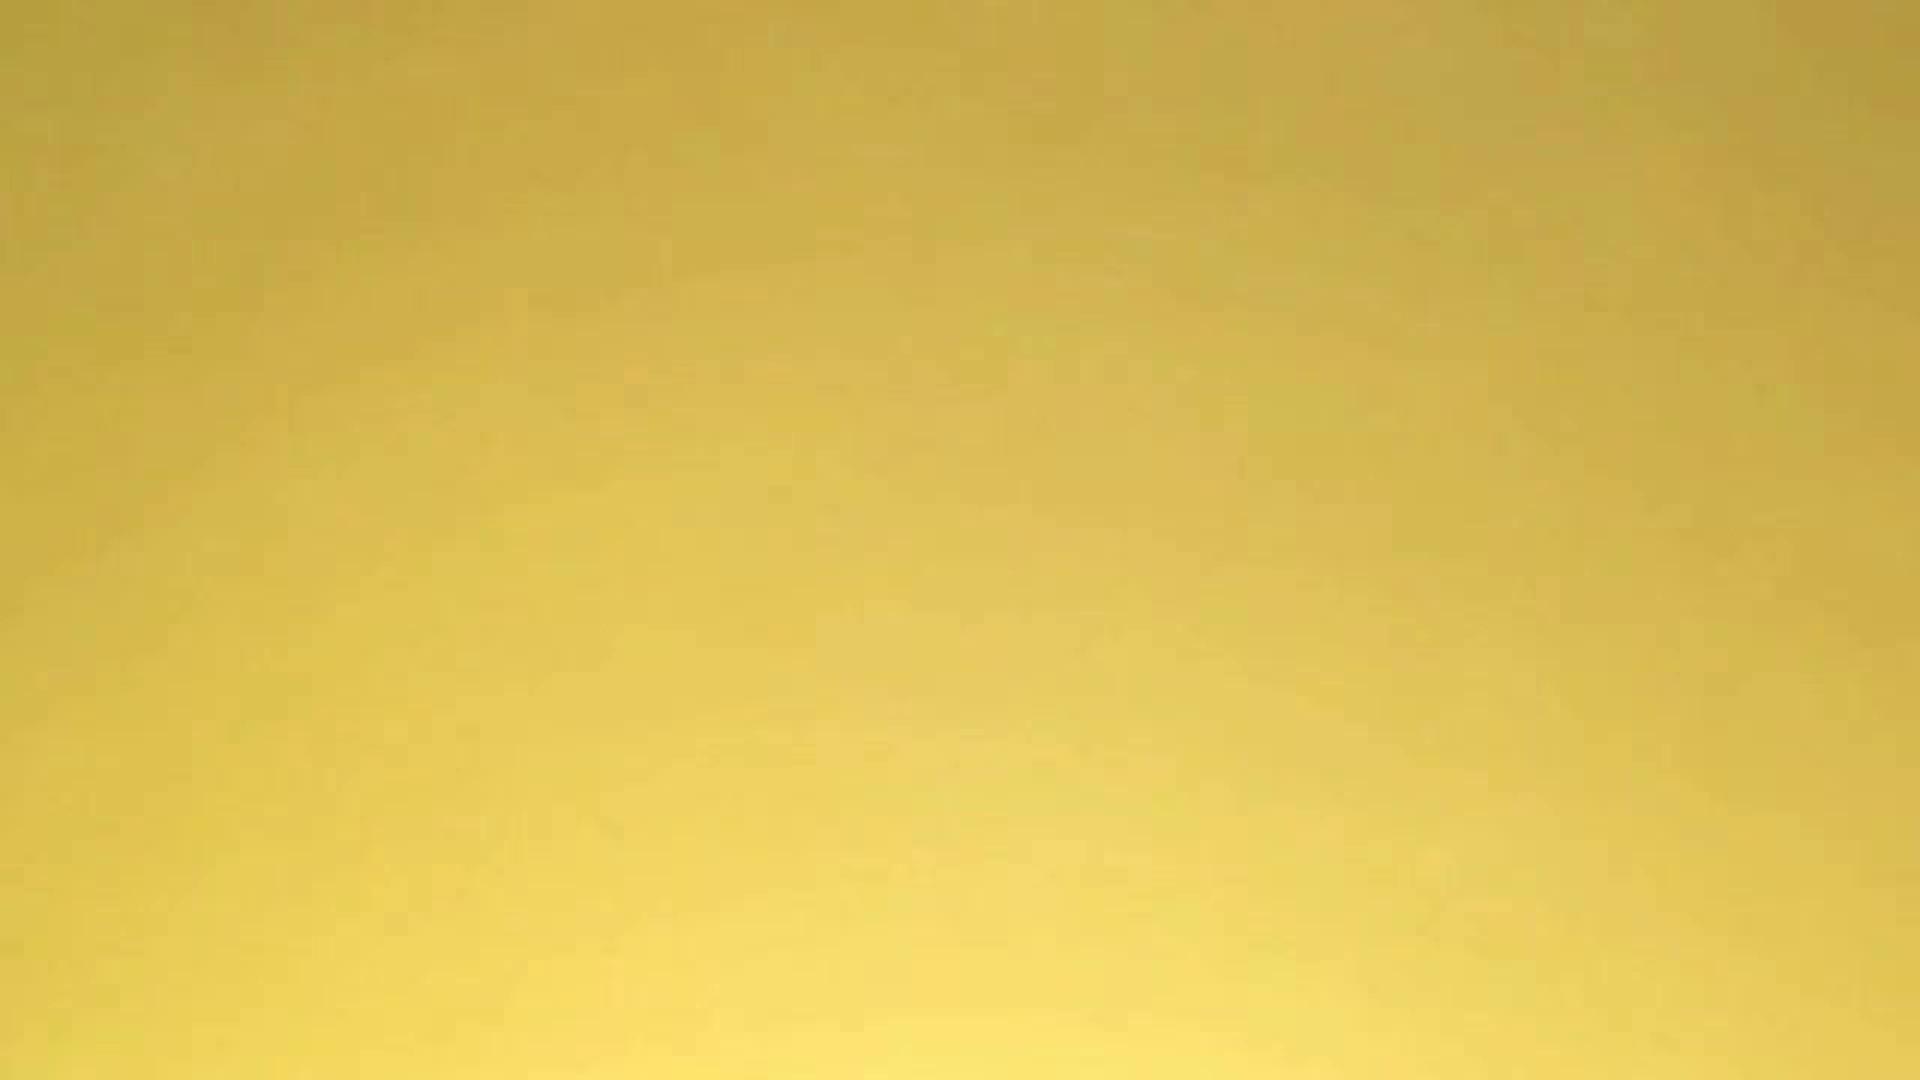 ドラゴン2世 チャラ男の個人撮影 Vol.06 超かわいい彼女 ゆいか 18才 Part.03 ついにハメ撮り ホテル潜入 | 美少女ヌード  99pic 14